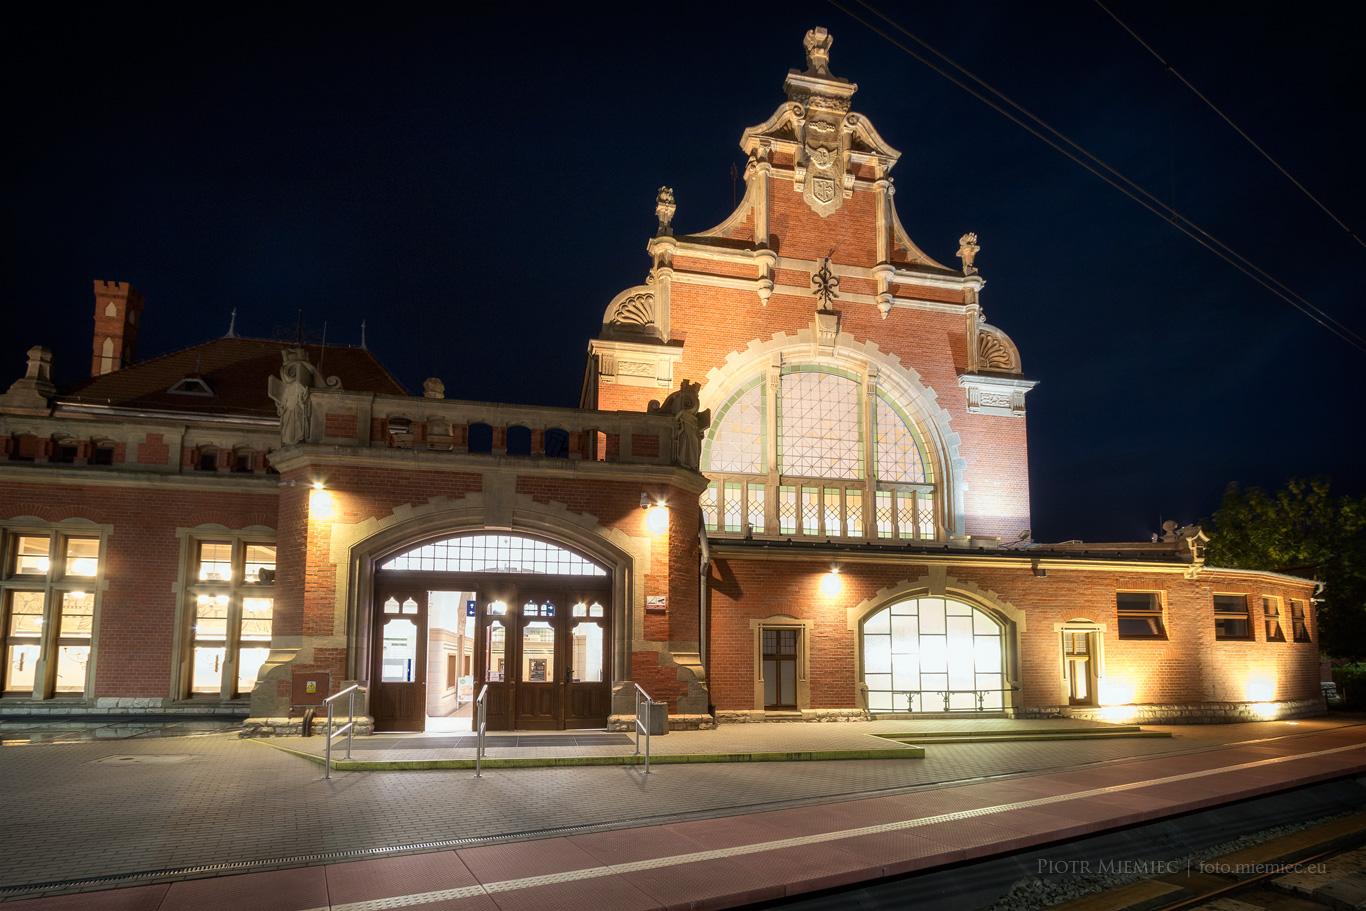 Opole – Dworzec kolejowy